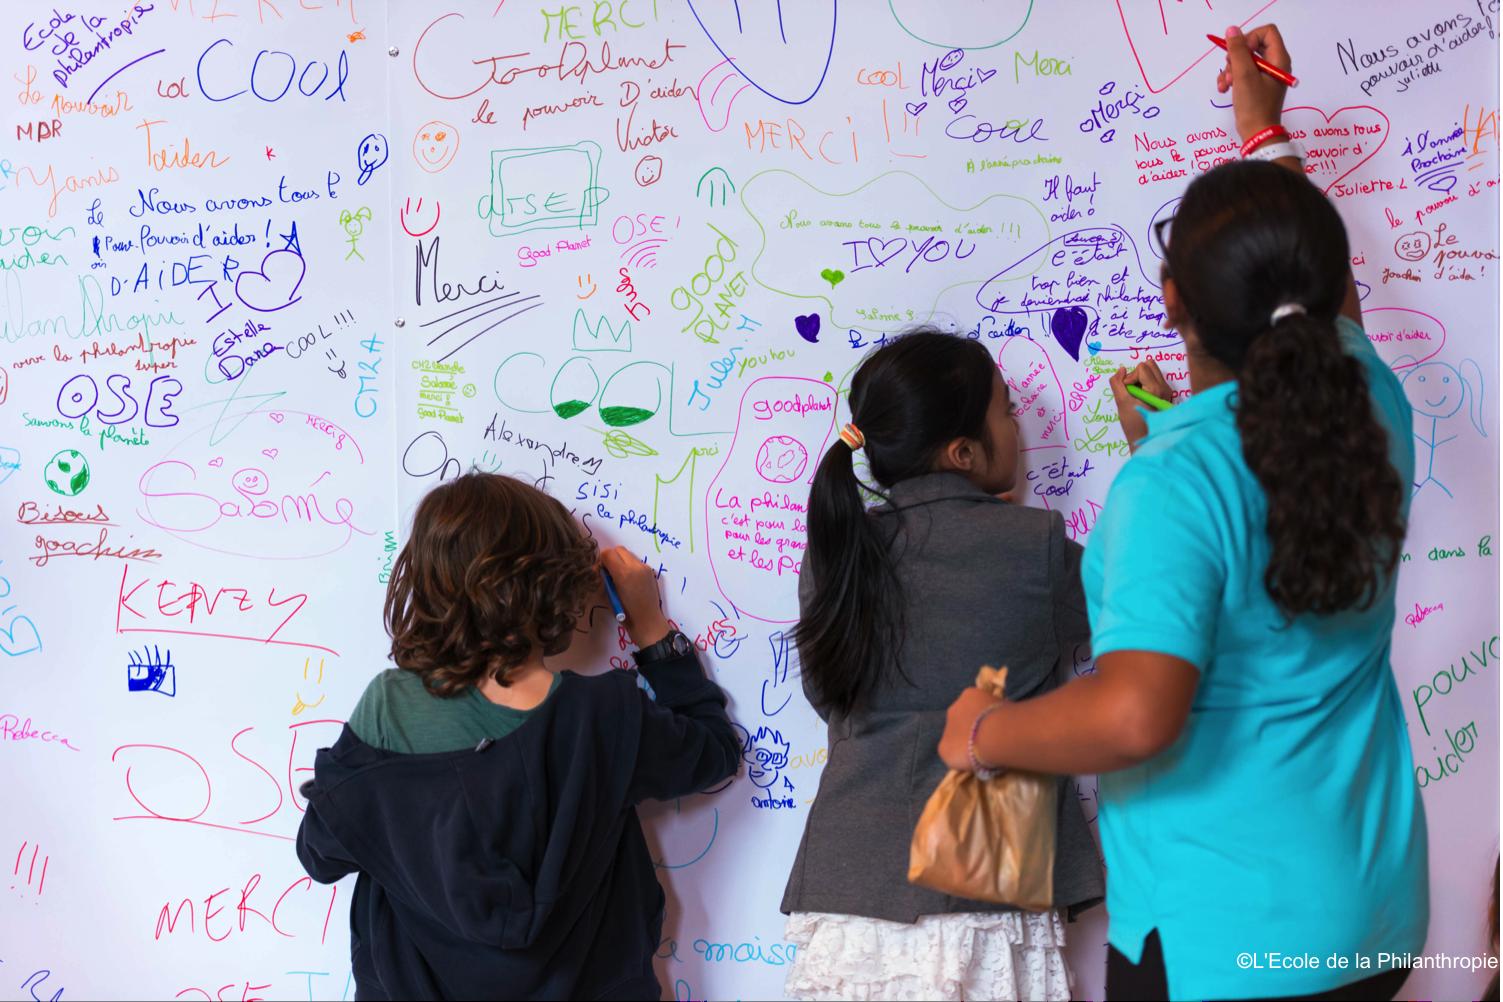 Journée de la Philanthropie juin 2013 - Le mur des voeux pour le futur